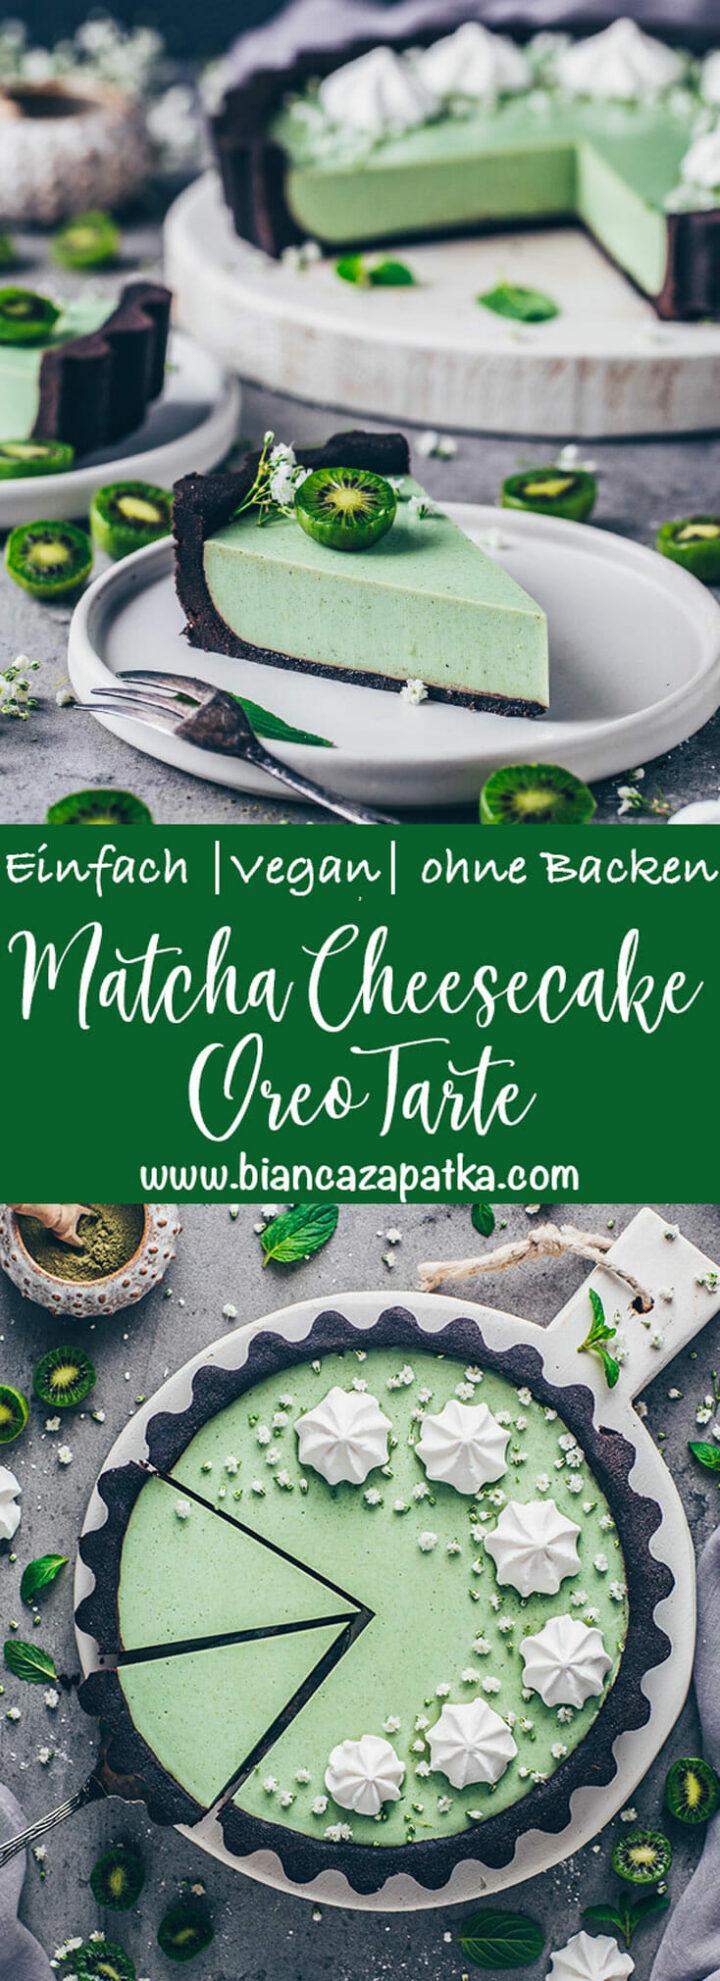 Matcha Cheesecake mit Oreo Schoko Kuchen Keksboden, Kiwis und Sahne Meringue